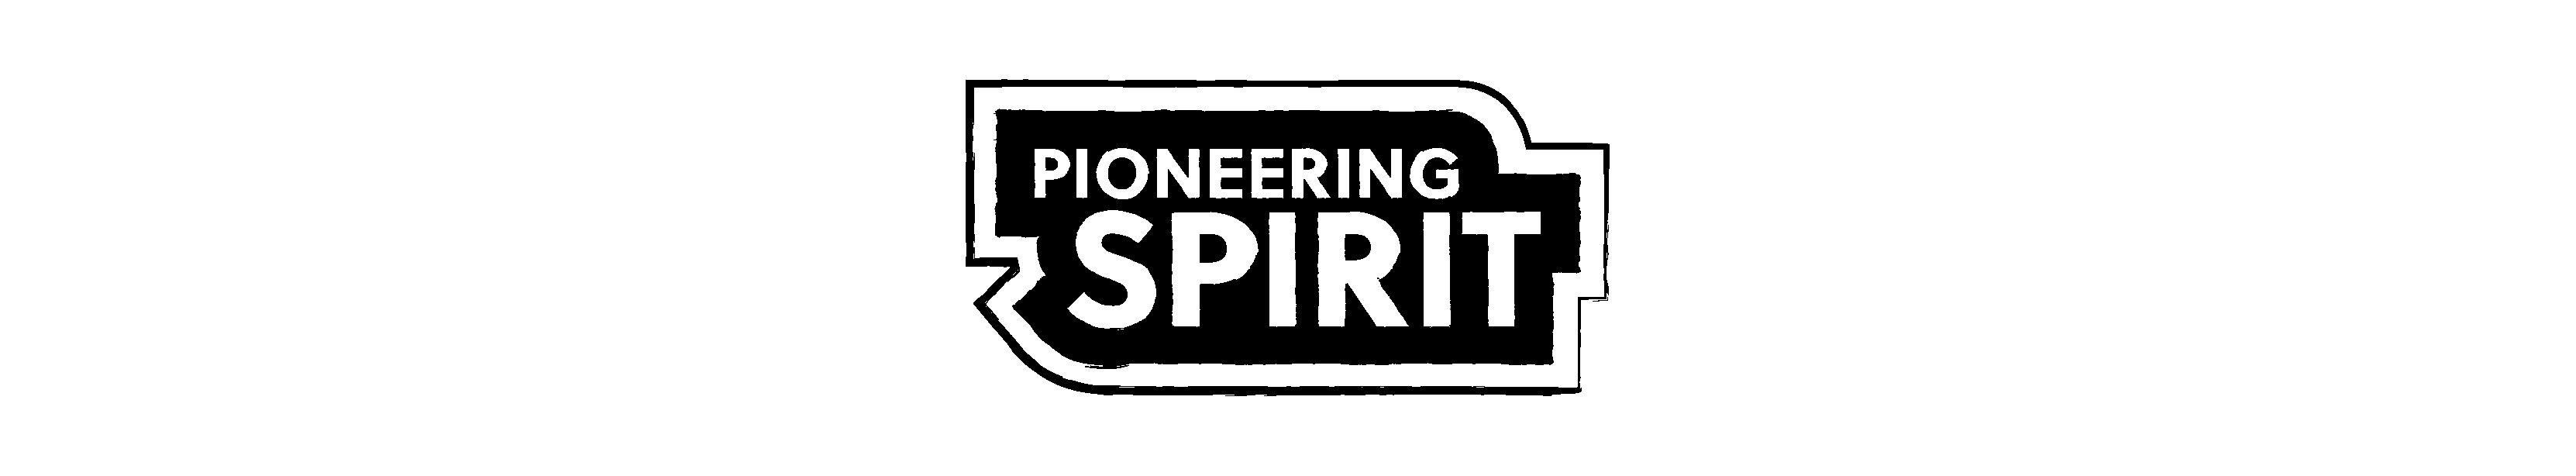 Pioneering-Spirit_logo_V2.png?mtime=20210408090925#asset:485082